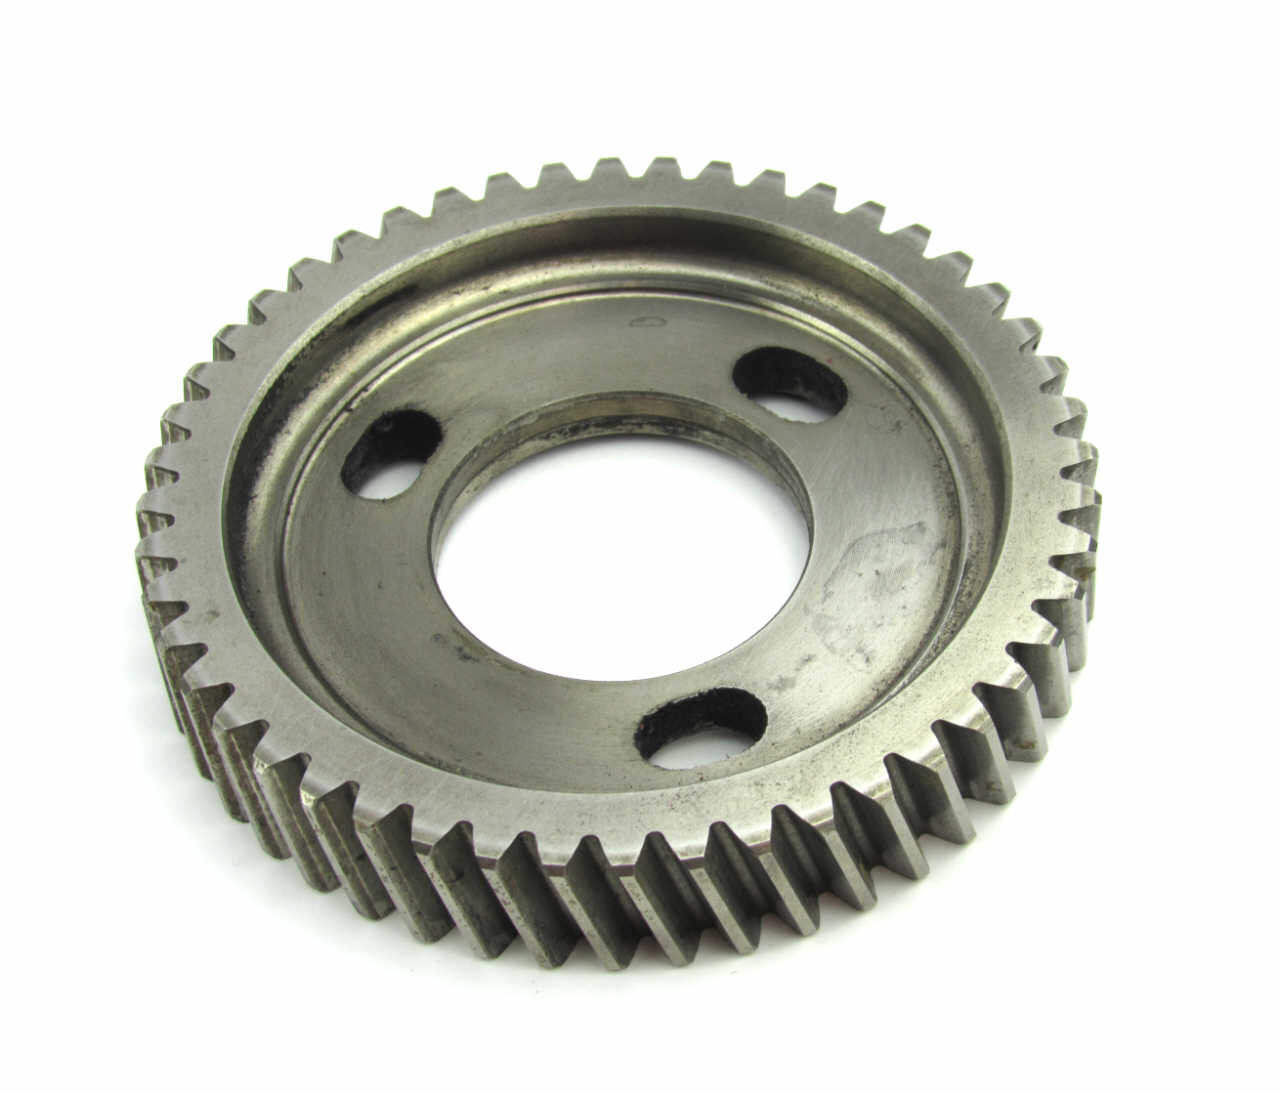 Perkins 4.108 Fuel pump Gear